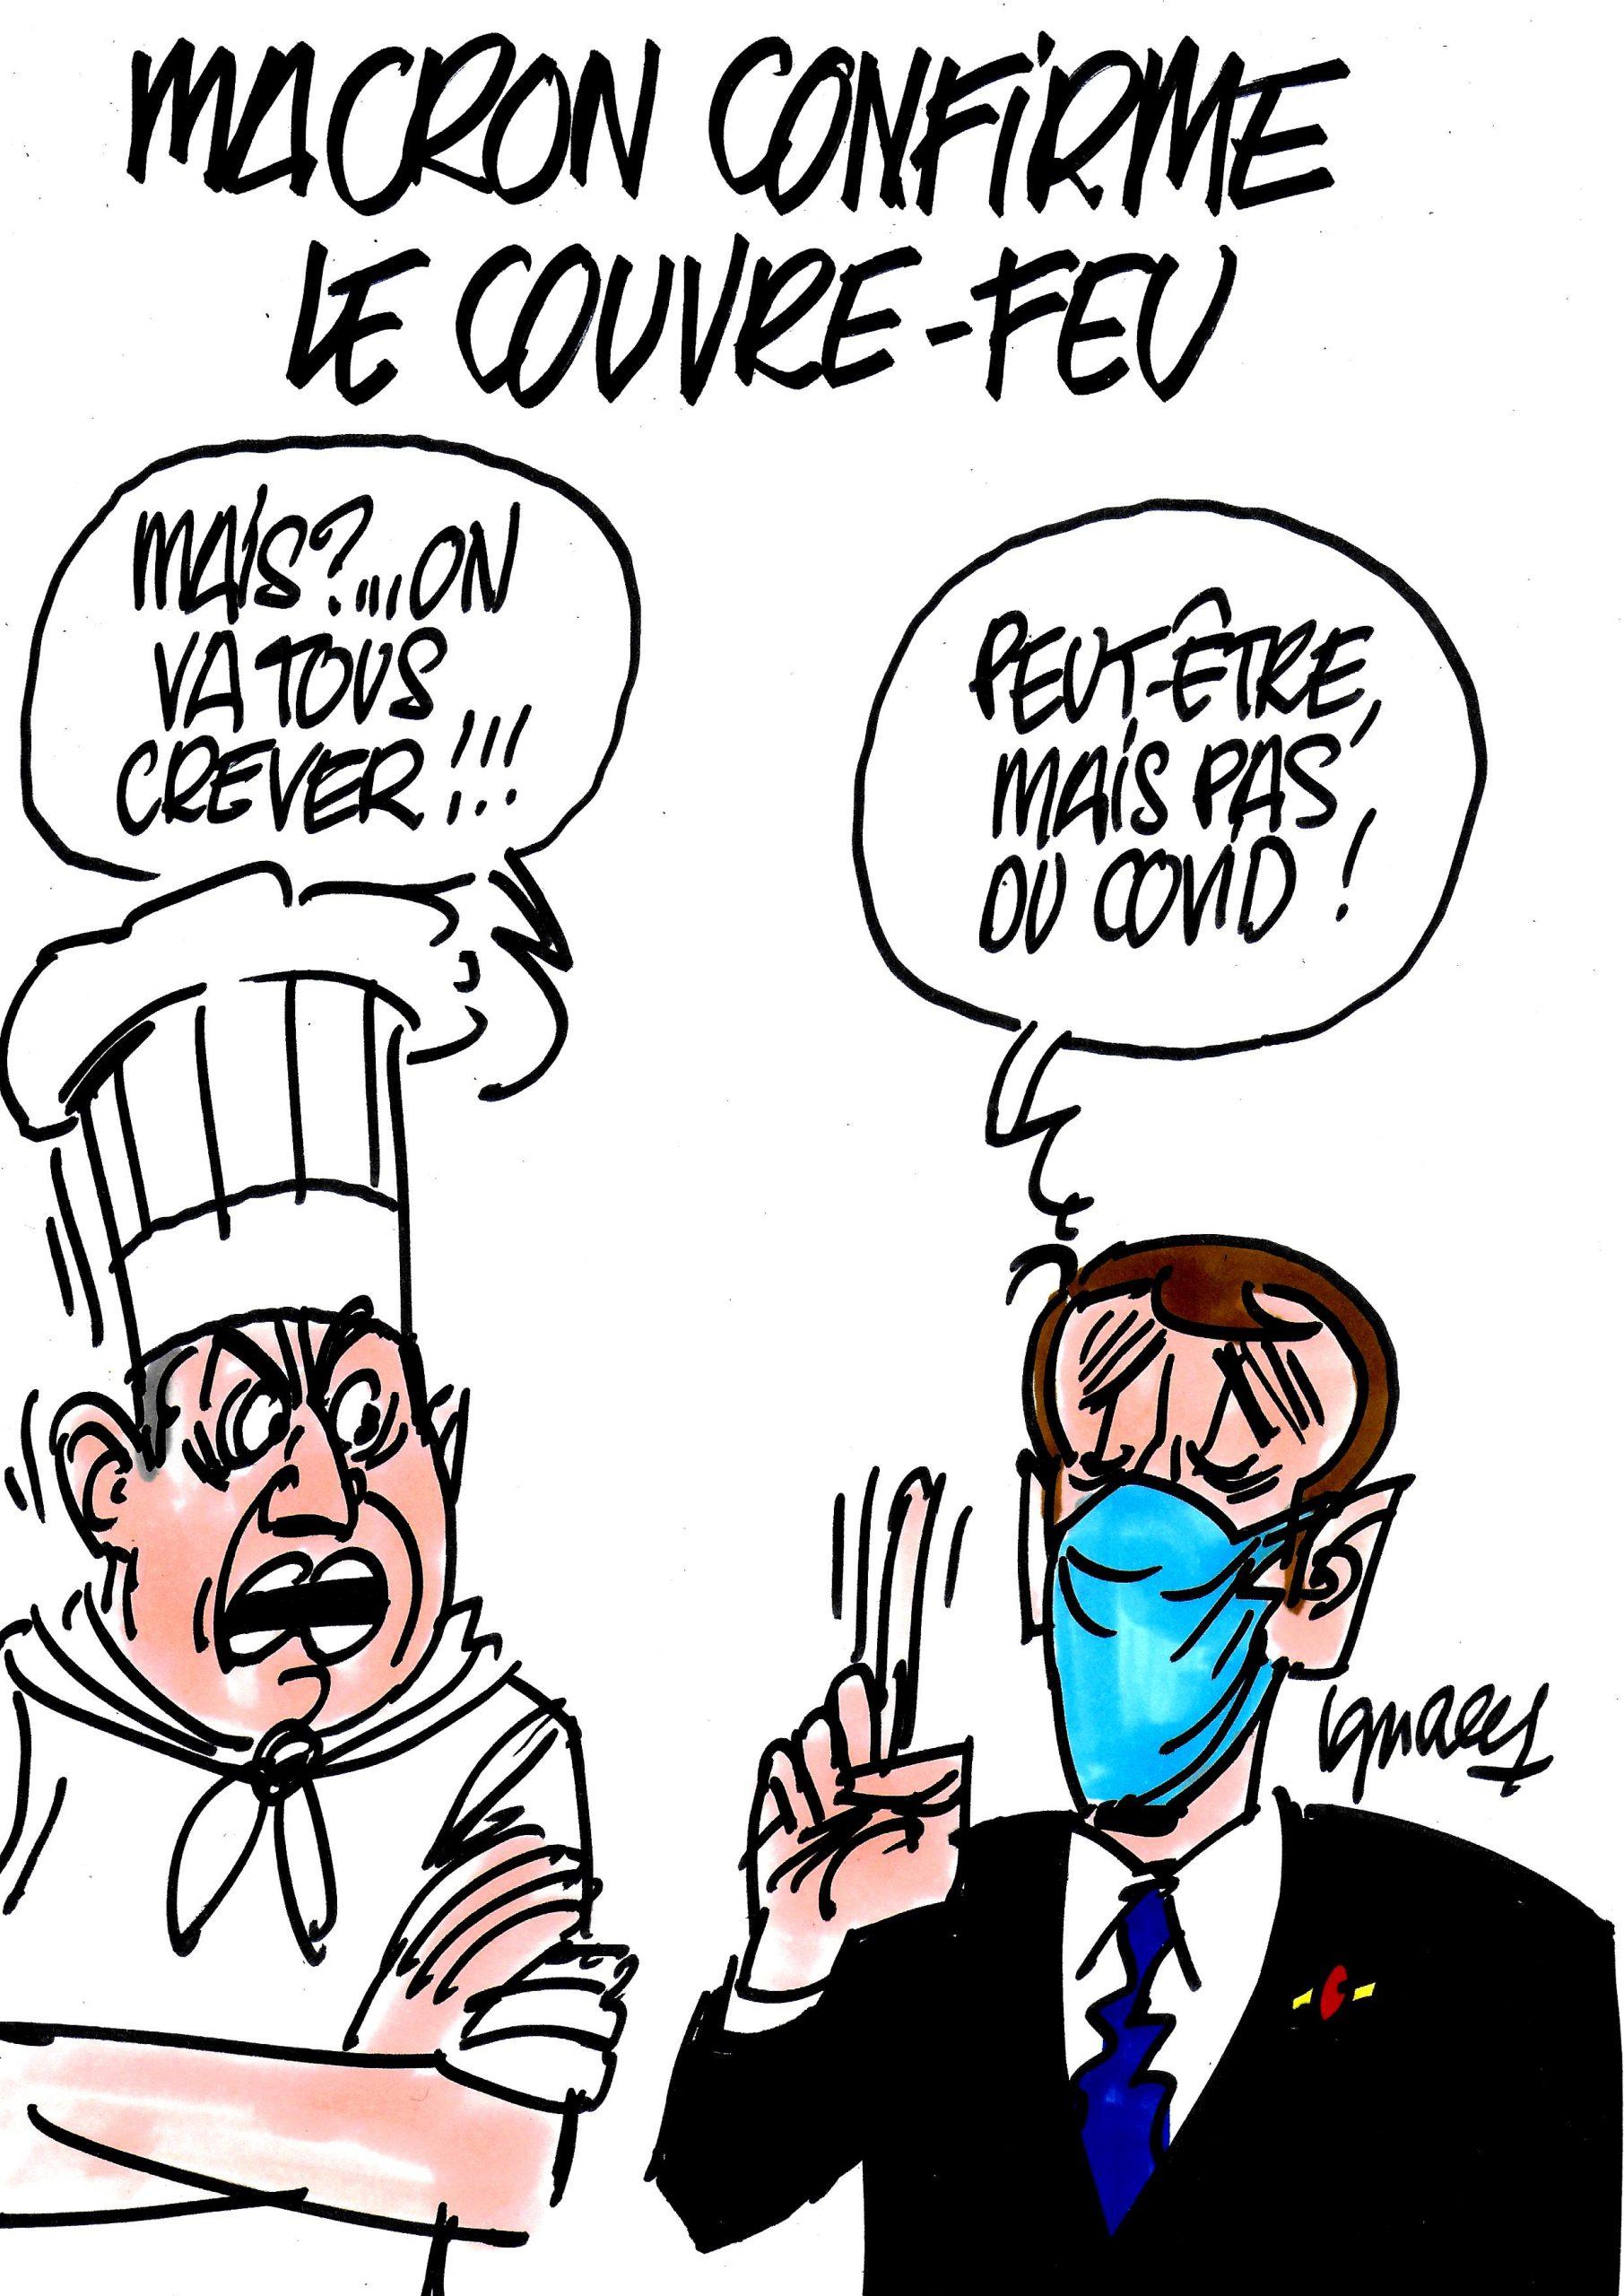 Ignace - Macron confirme le couvre-feu